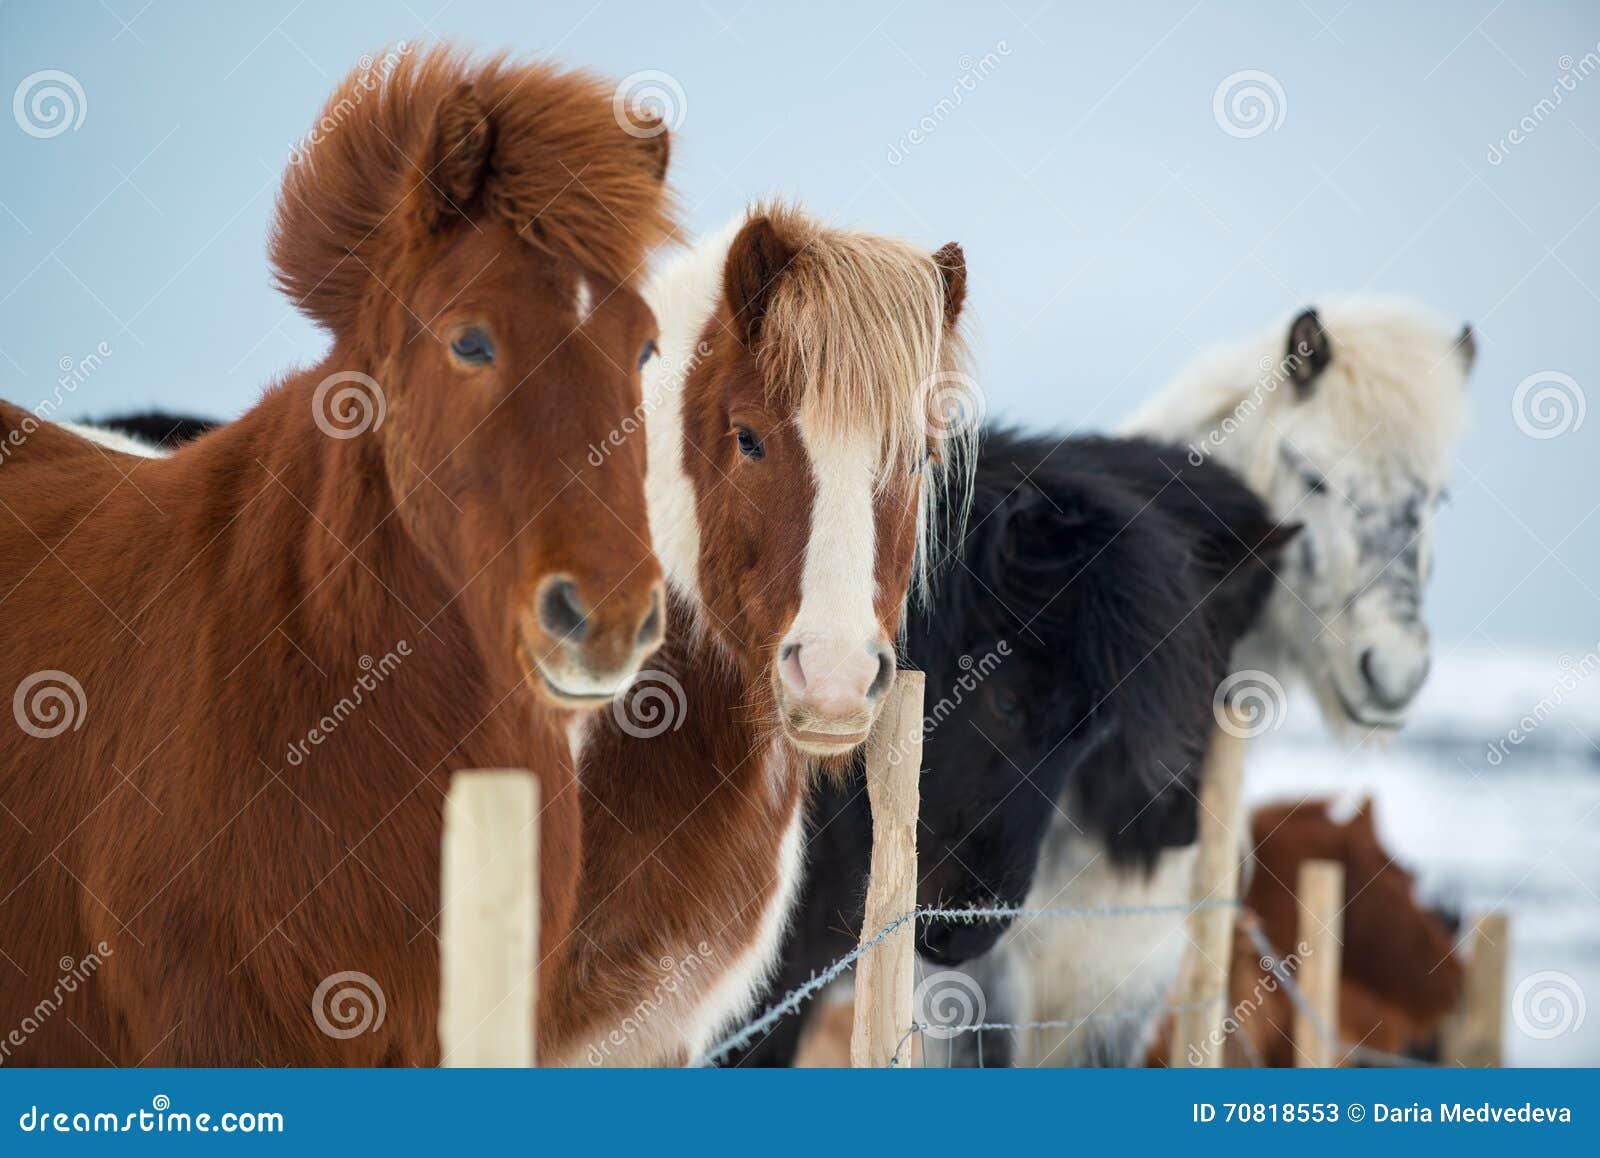 Όμορφα ισλανδικά άλογα το χειμώνα, Ισλανδία